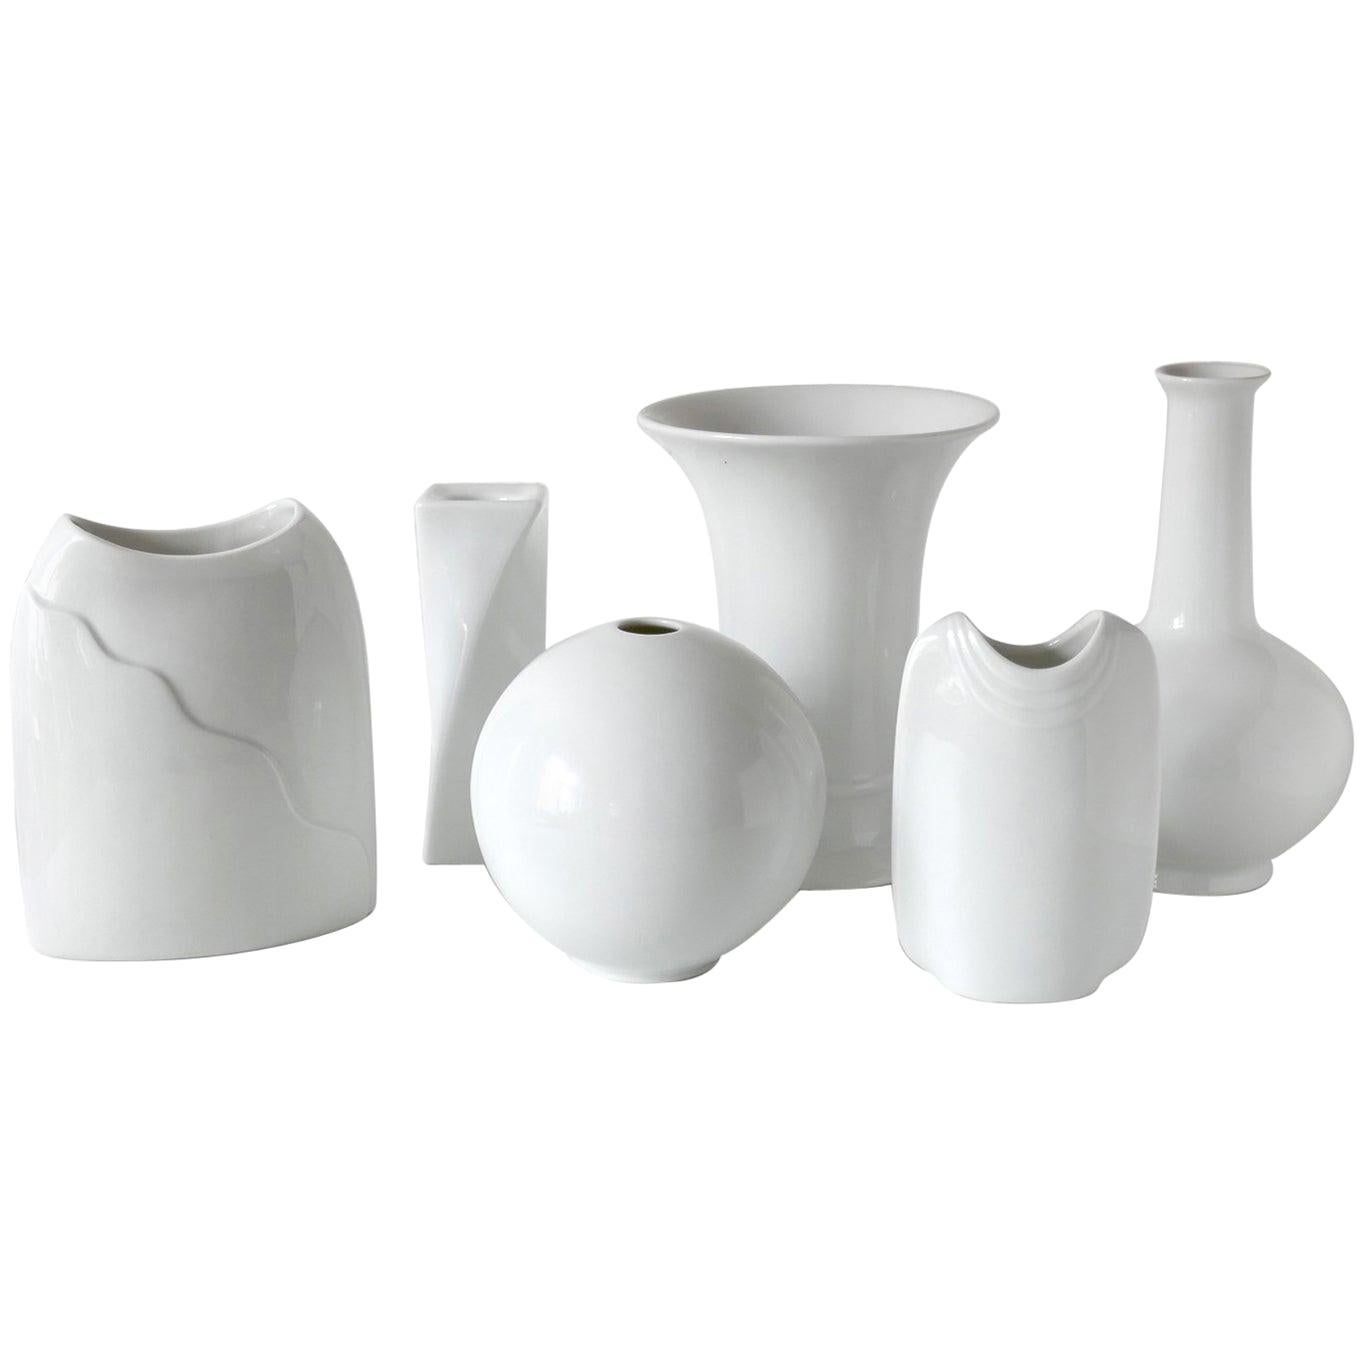 Set of Six White Porcelain Vases Candleholder by M. Fray for Kaiser